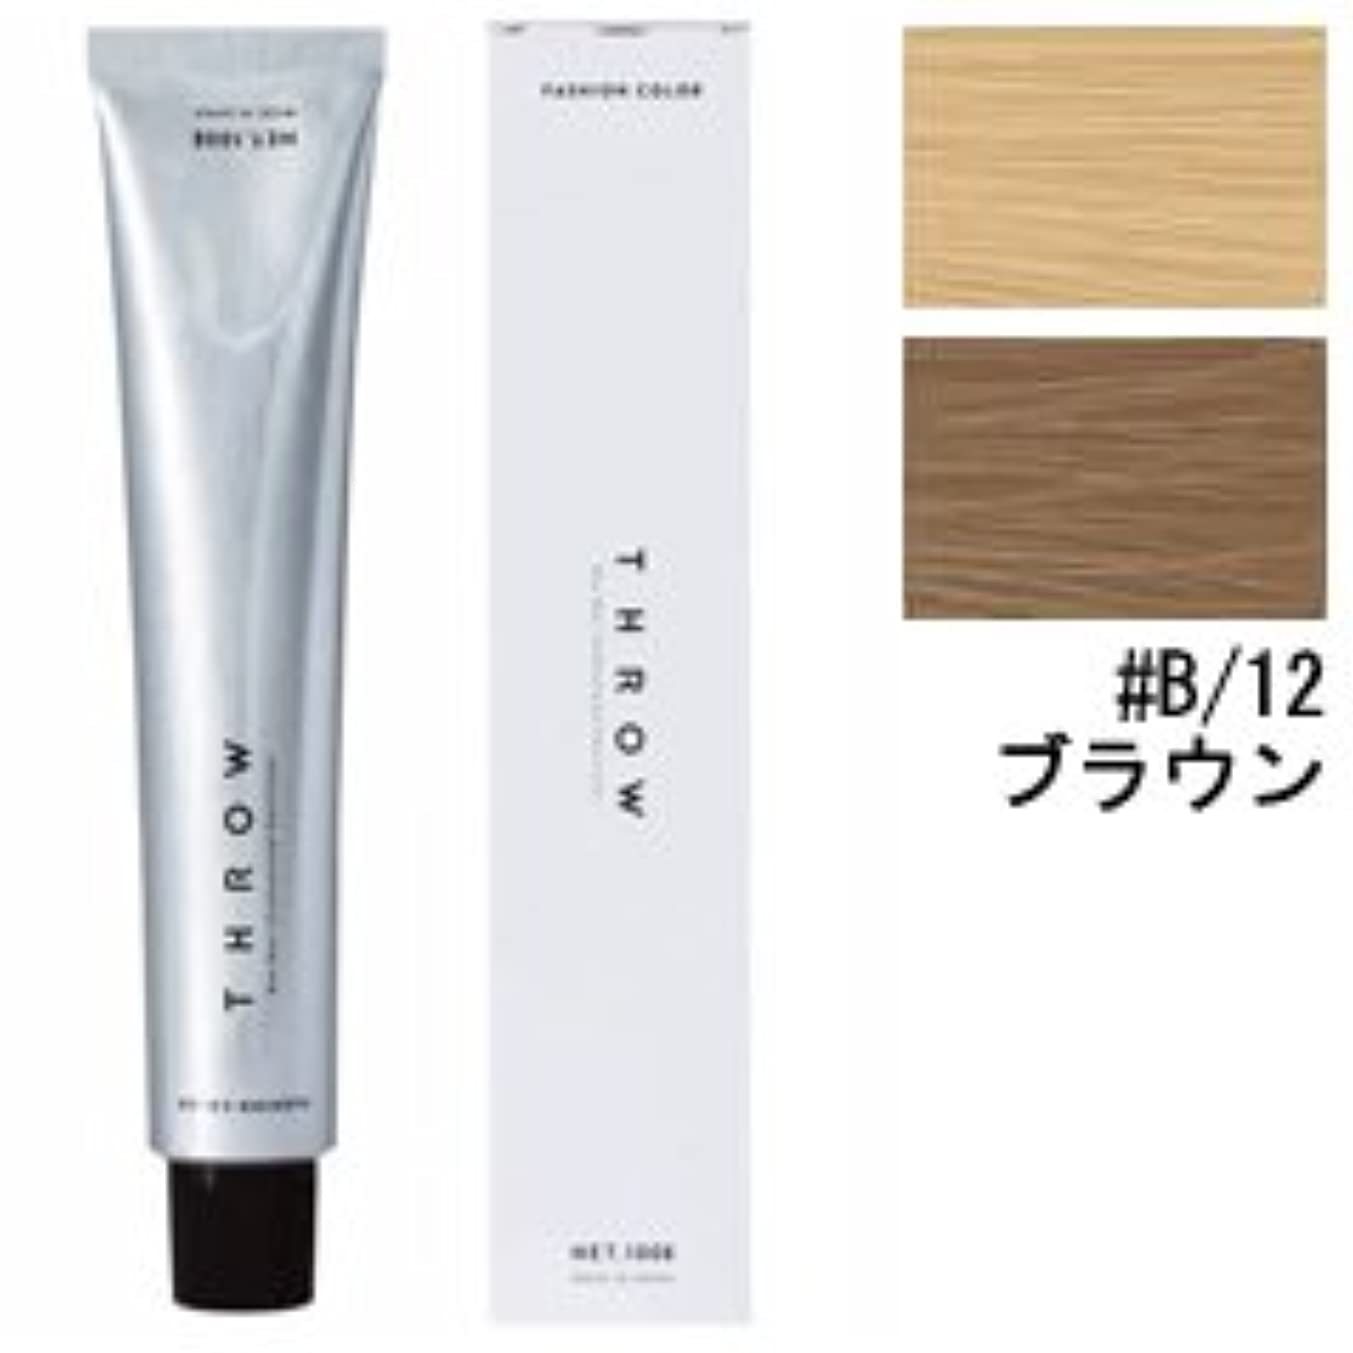 険しいけん引ナプキン【モルトベーネ】スロウ ファッションカラー #B/12 ブラウン 100g